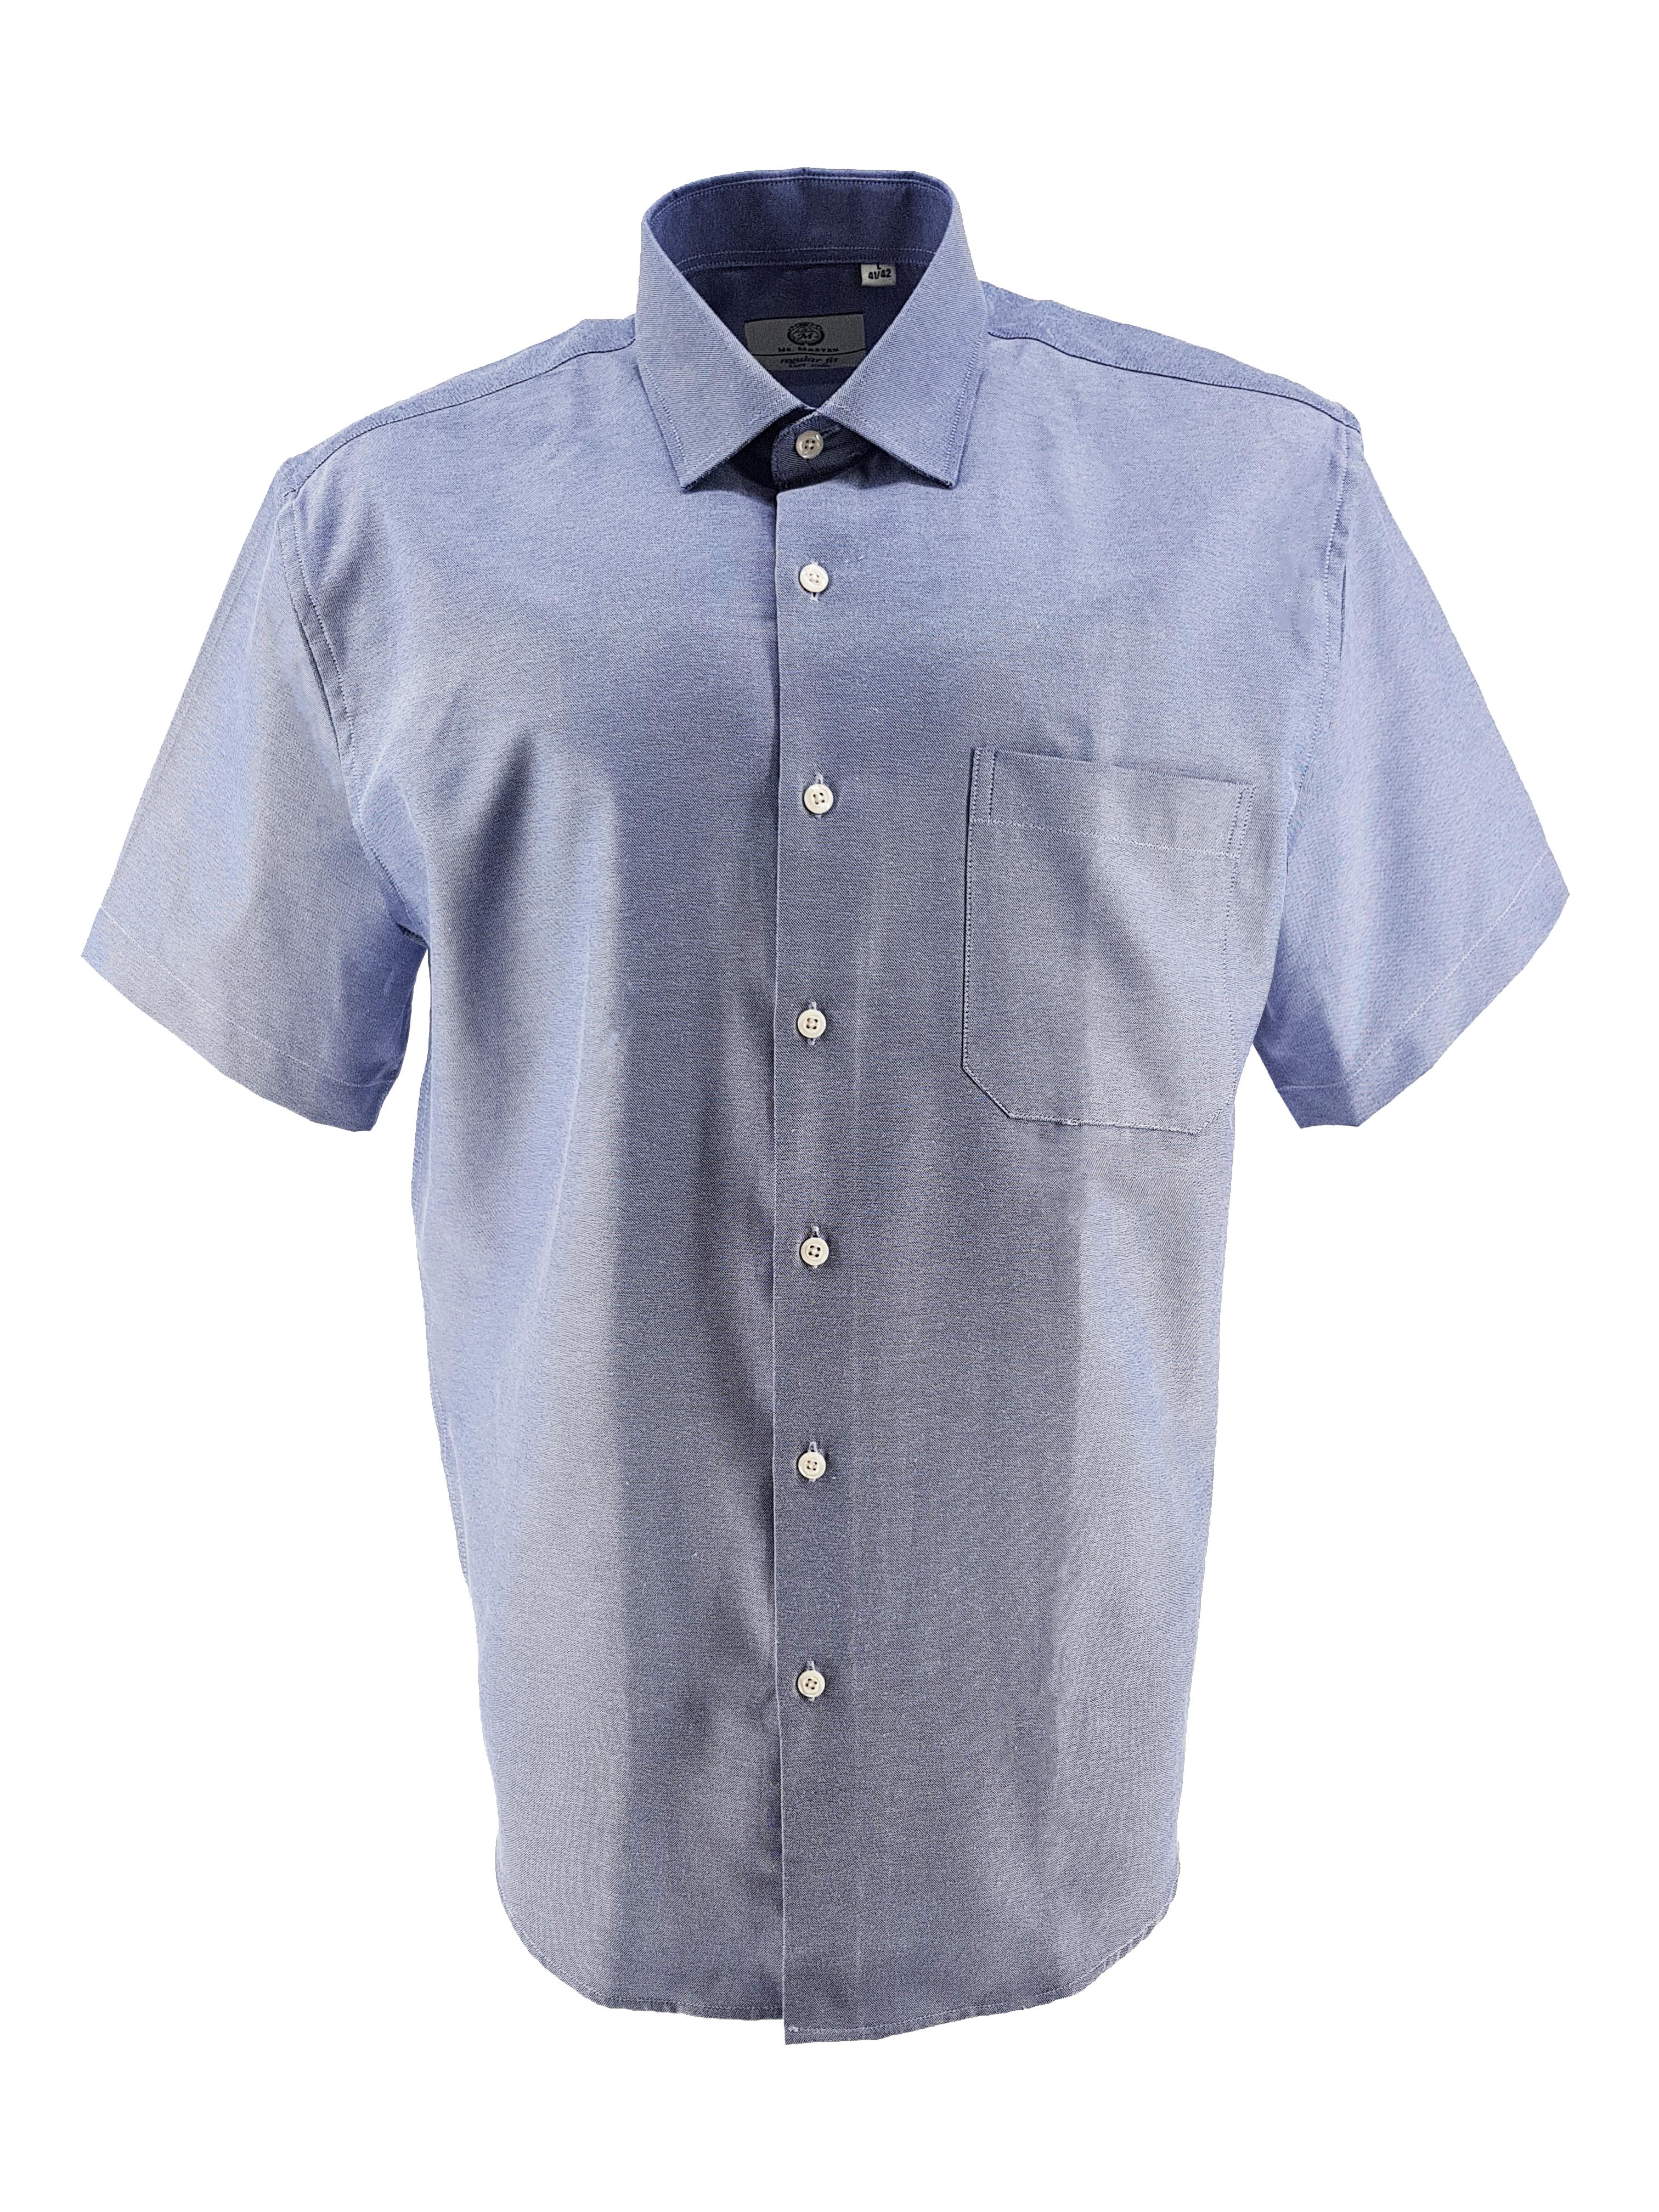 Easy care overhemd van Mr. Marten. Korte mouwen, borstzakje op de linkerborst. Mooie fijne lichtblauwe stof.